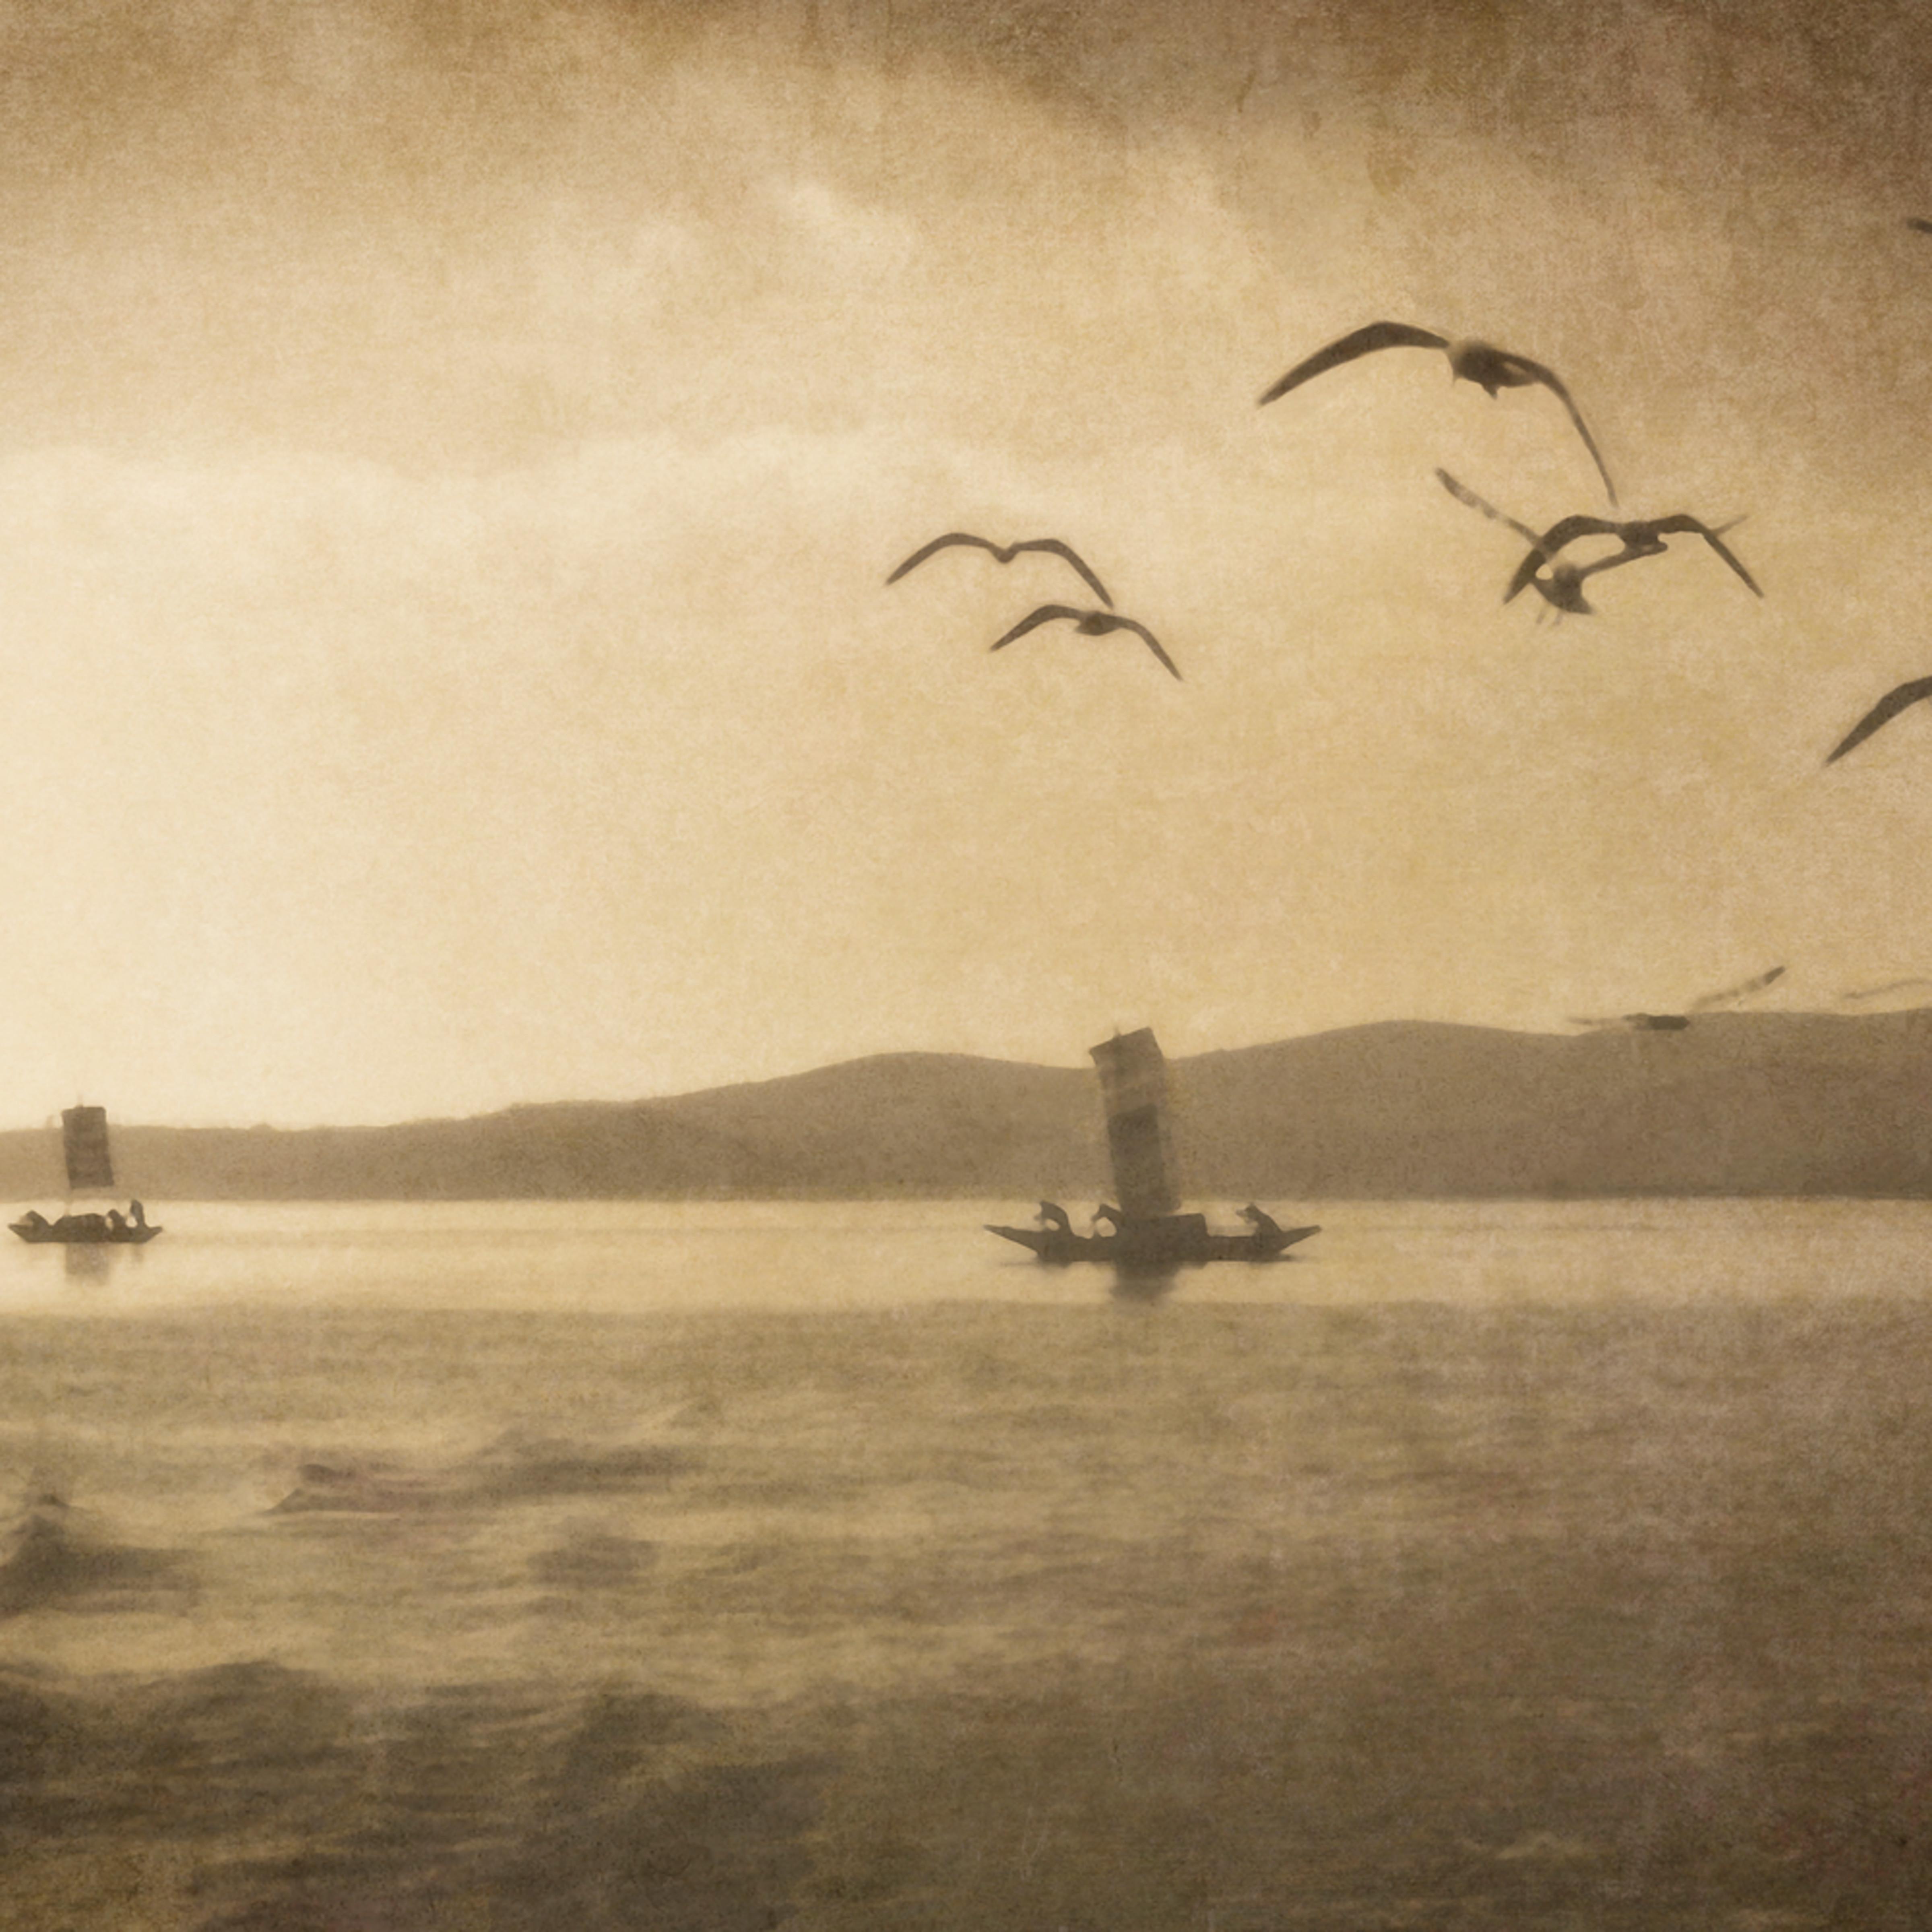 Dienchi lake fishing with gulls kbod4a